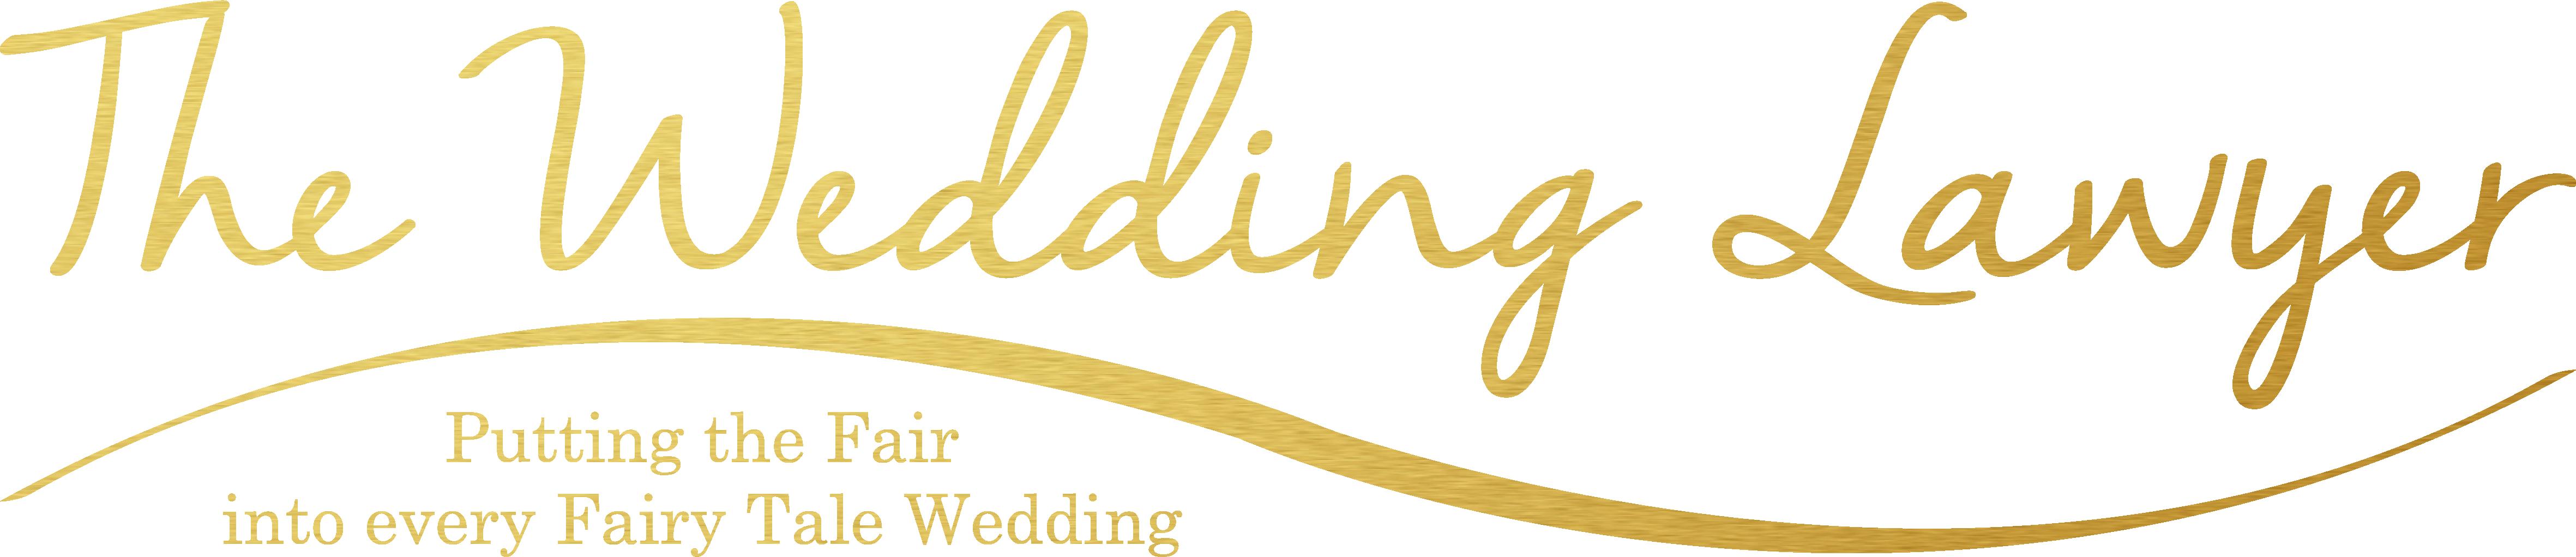 The Wedding Lawyer